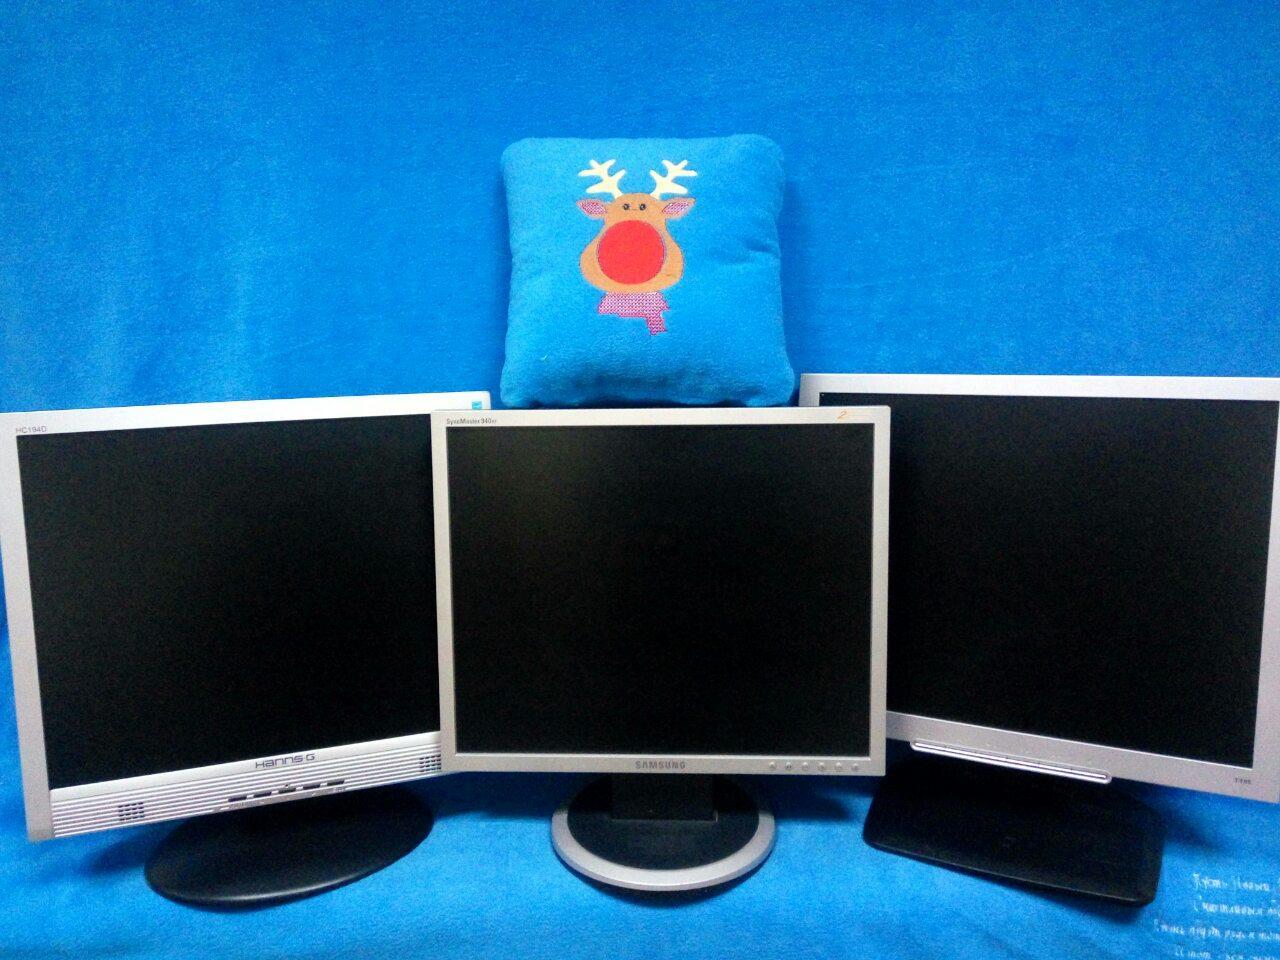 ЖК-монитор AOC i2252Vwh | 960x1280